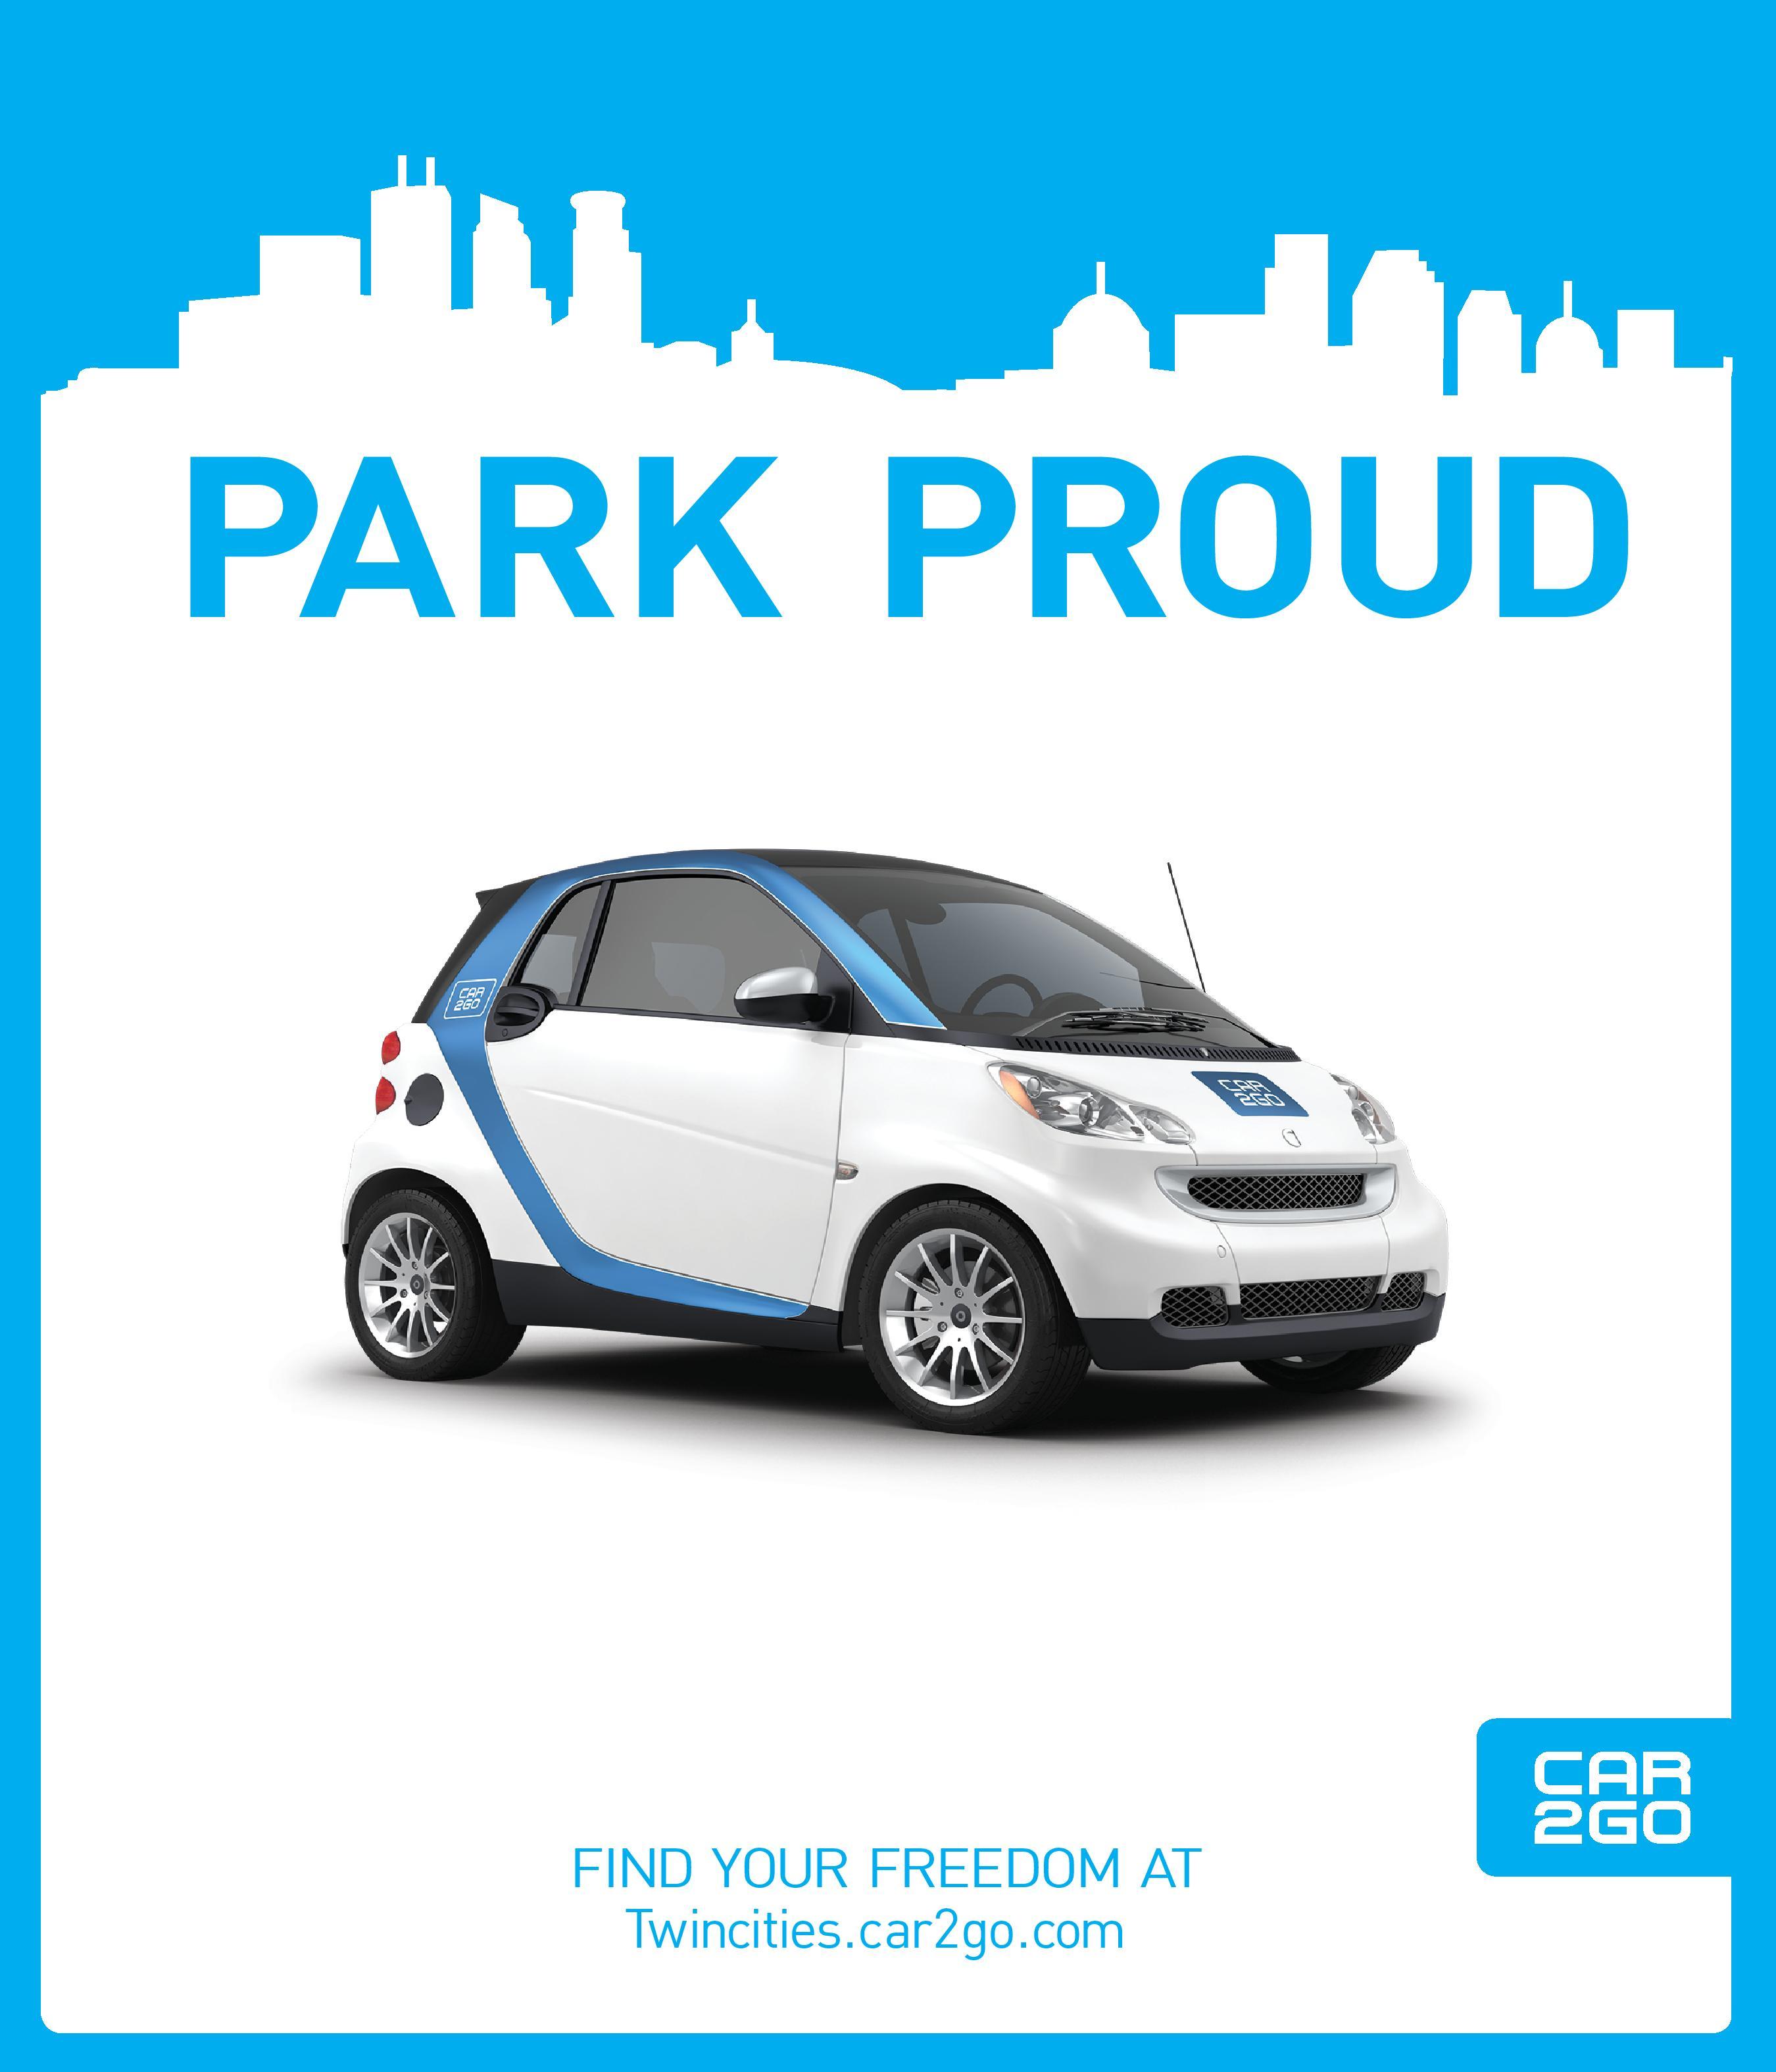 Car2go College Ad Campaign